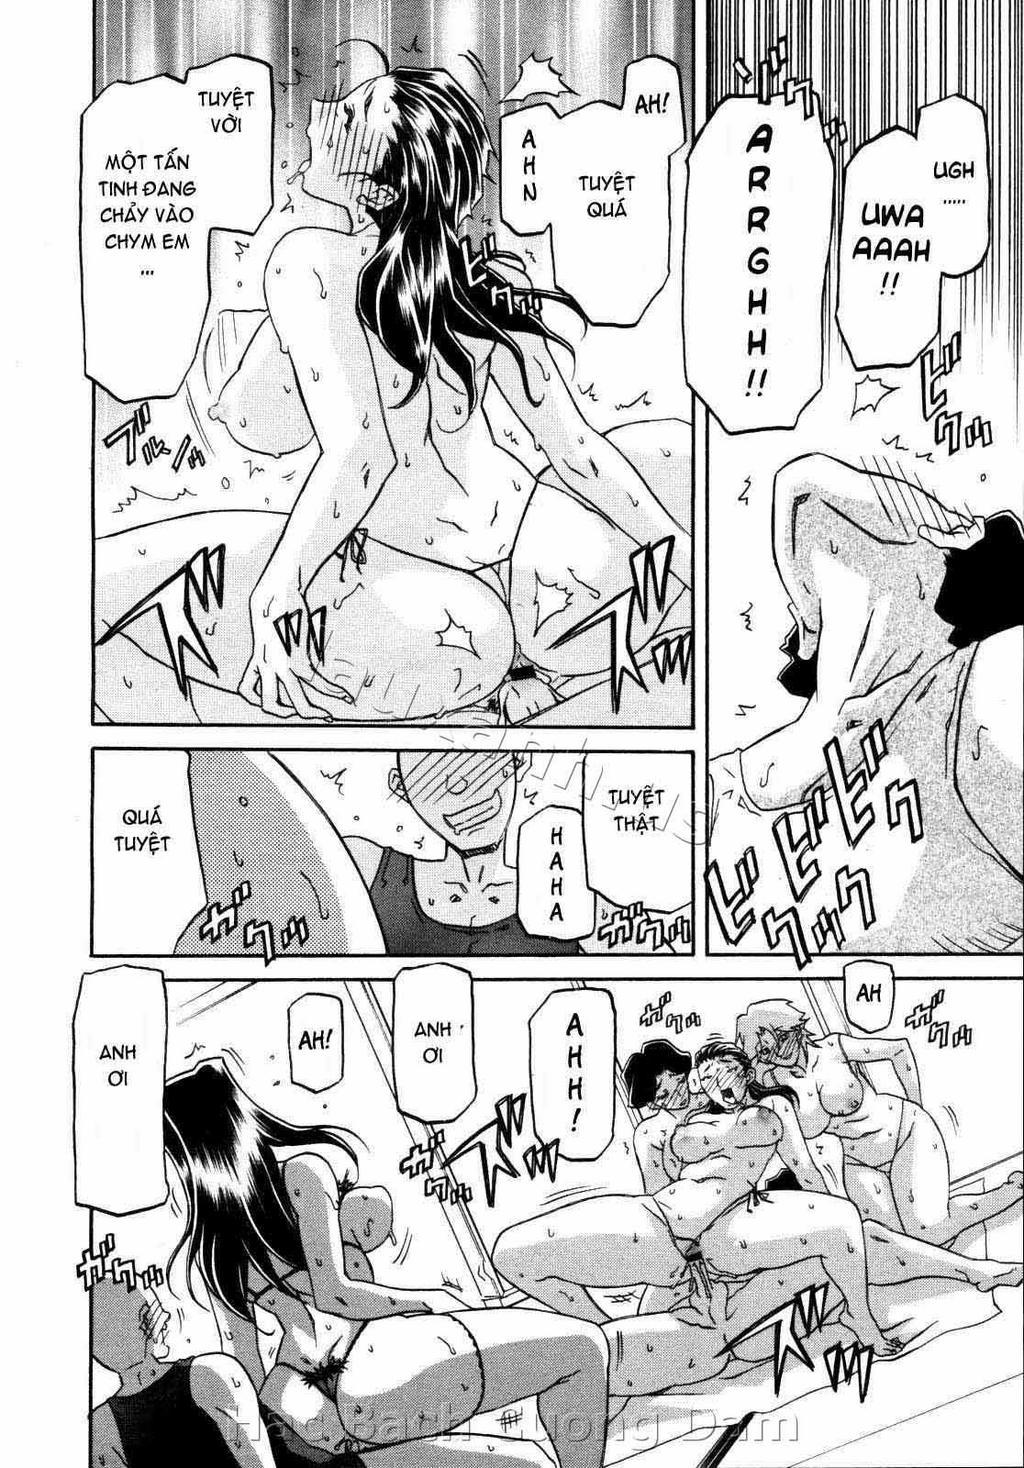 Hình ảnh hentailxers.blogspot.com0043 trong bài viết Manga H Sayuki no Sato